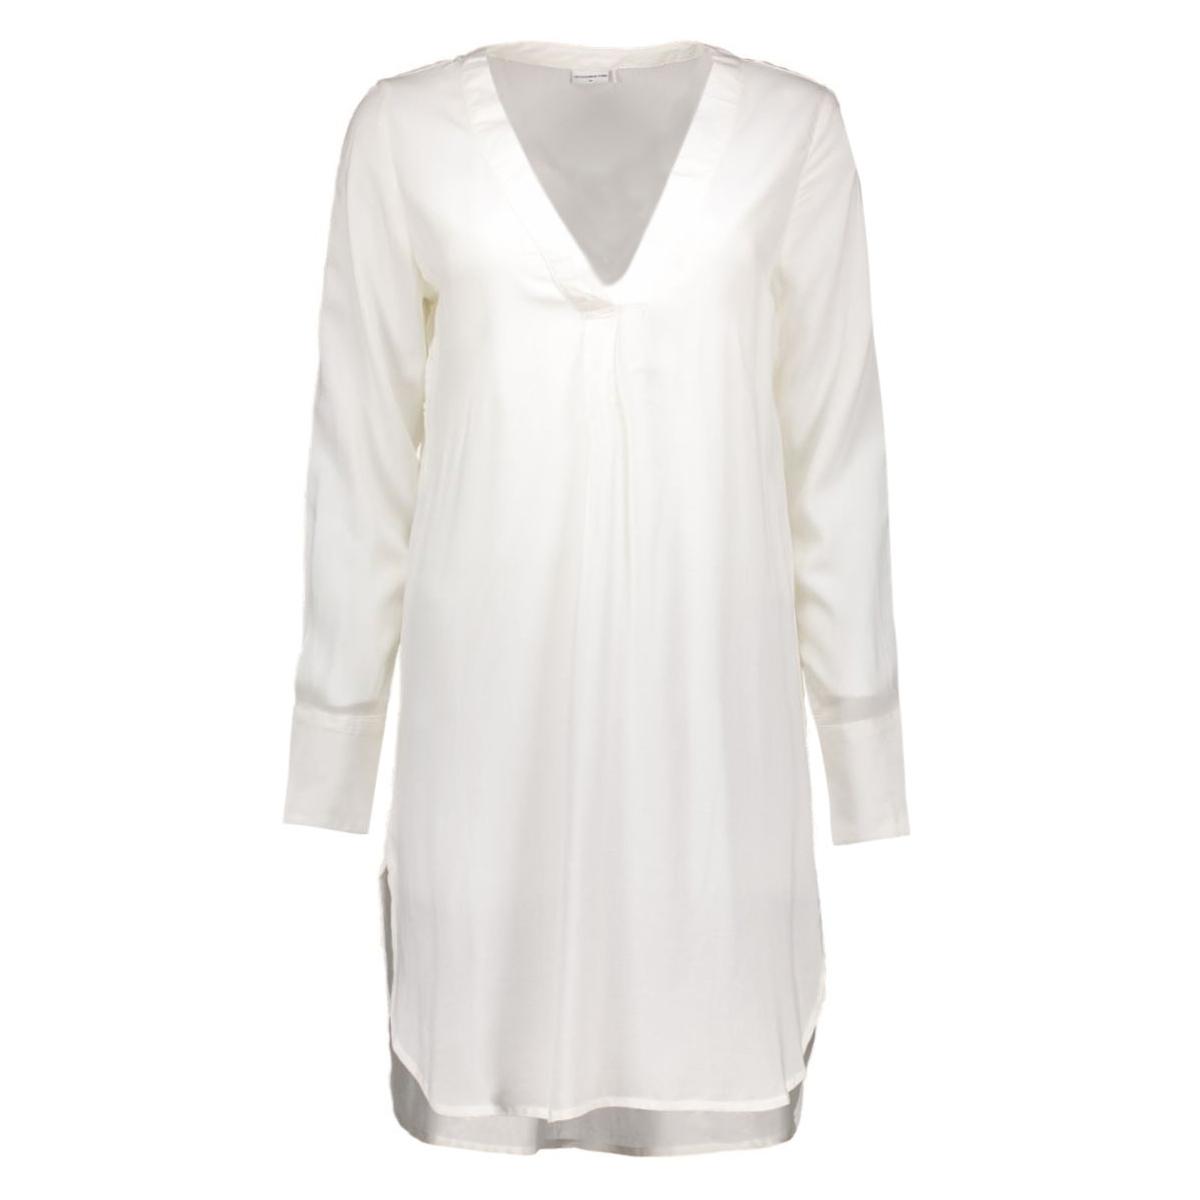 jdyblake dress 1511530 jacqueline de yong tuniek cloud dancer